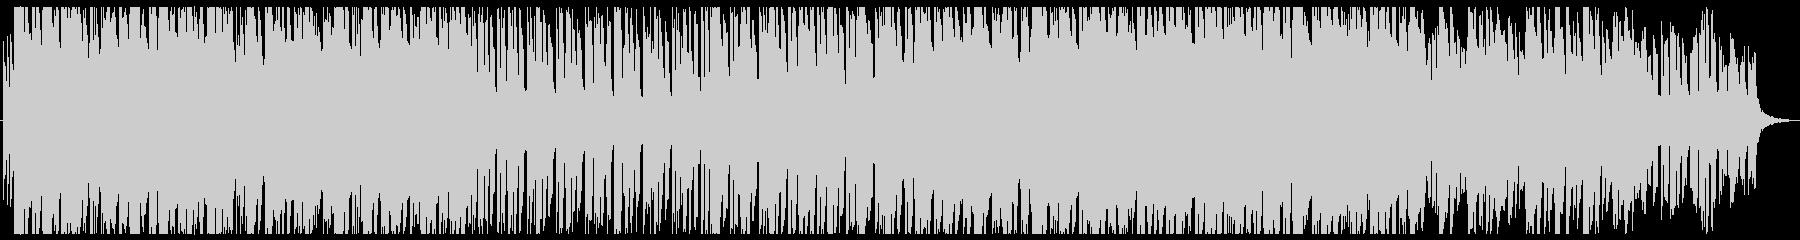 ゲームのリザルト画面など用の曲の未再生の波形